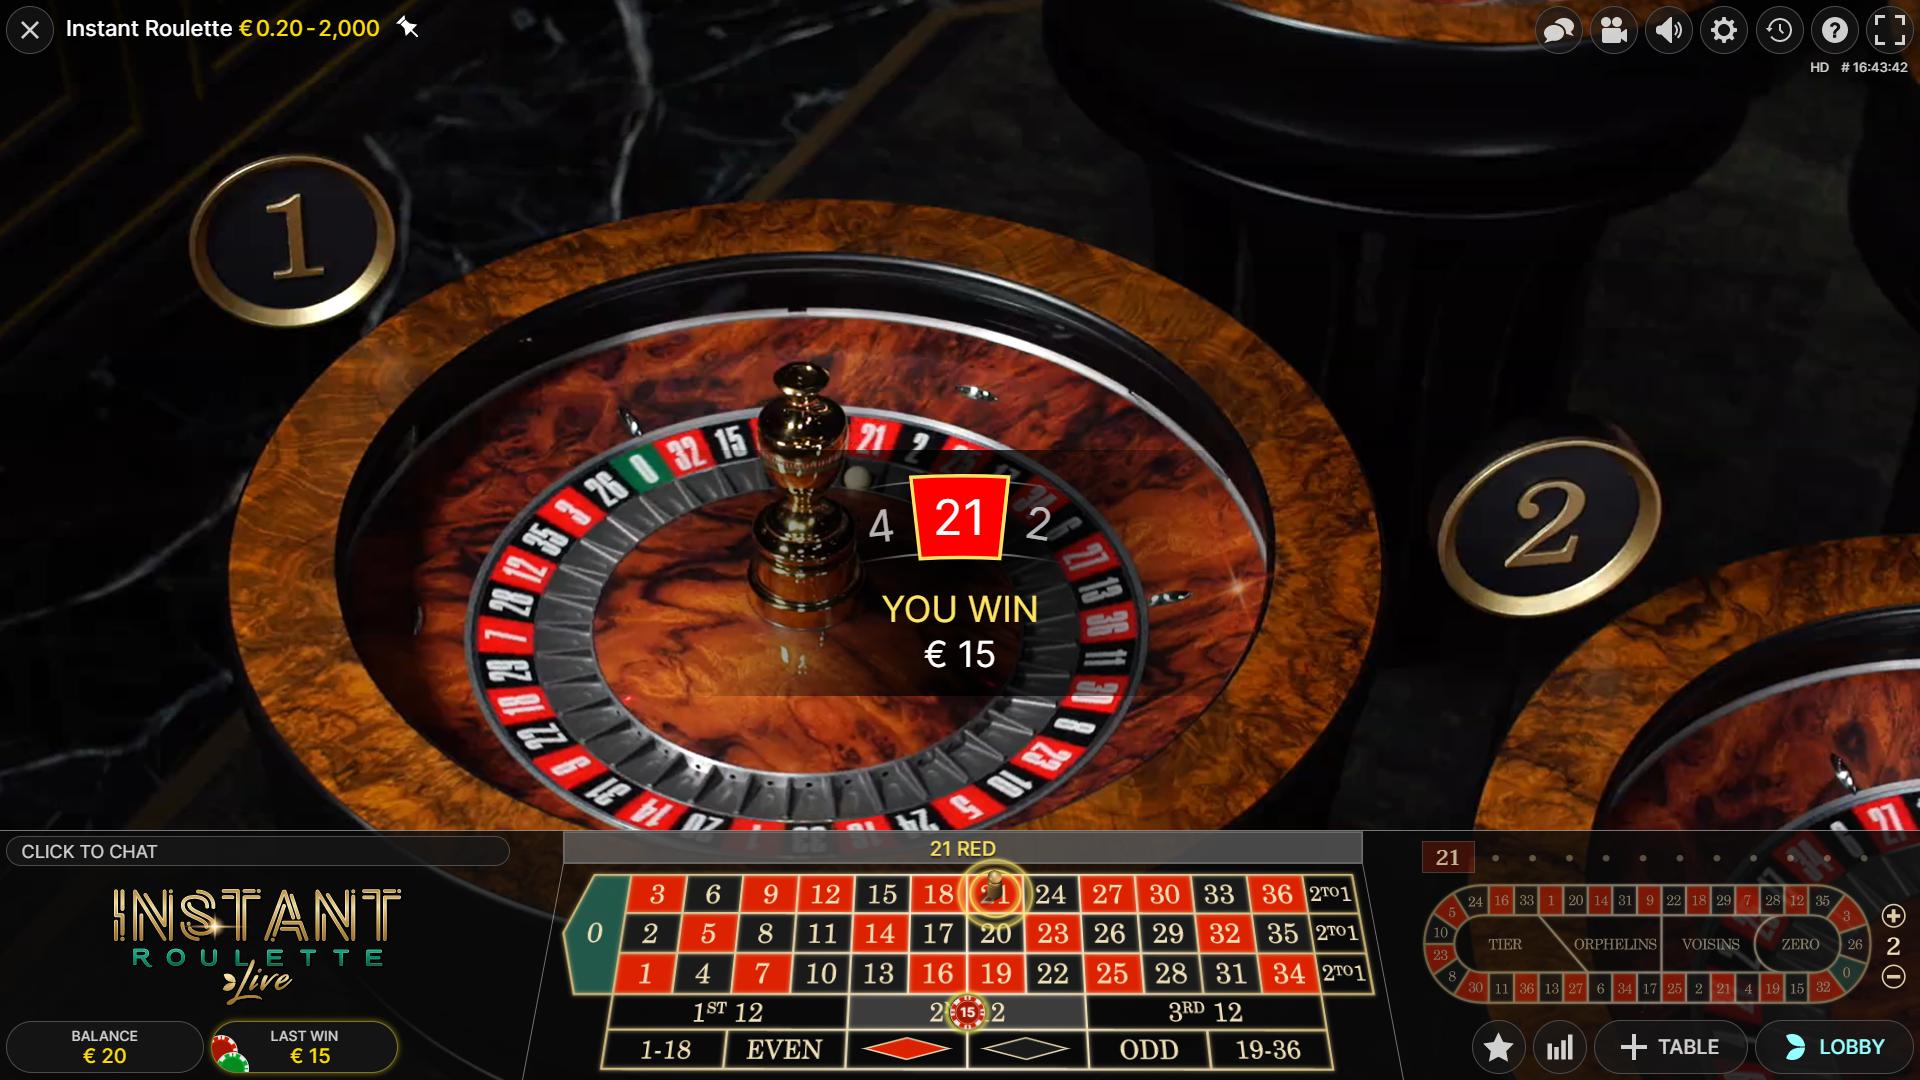 instant roulette sukimas laimėjimas 15€ raudonas laukelis